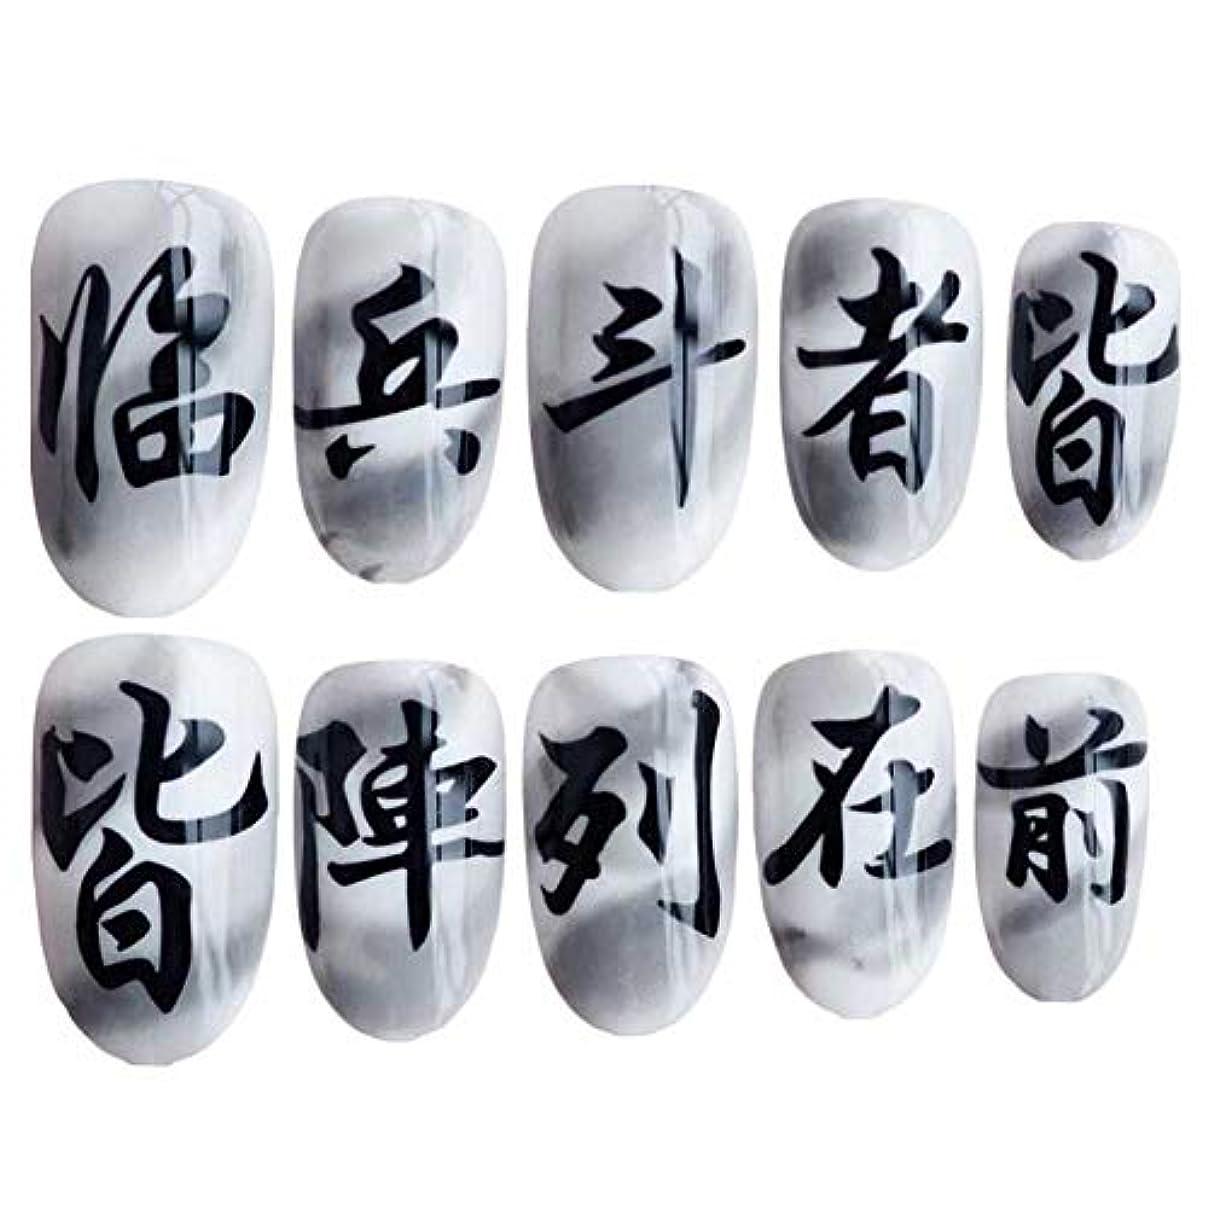 ごちそう盆地上流の中国語文字灰色/白い偽爪爪人工爪装飾爪のヒント